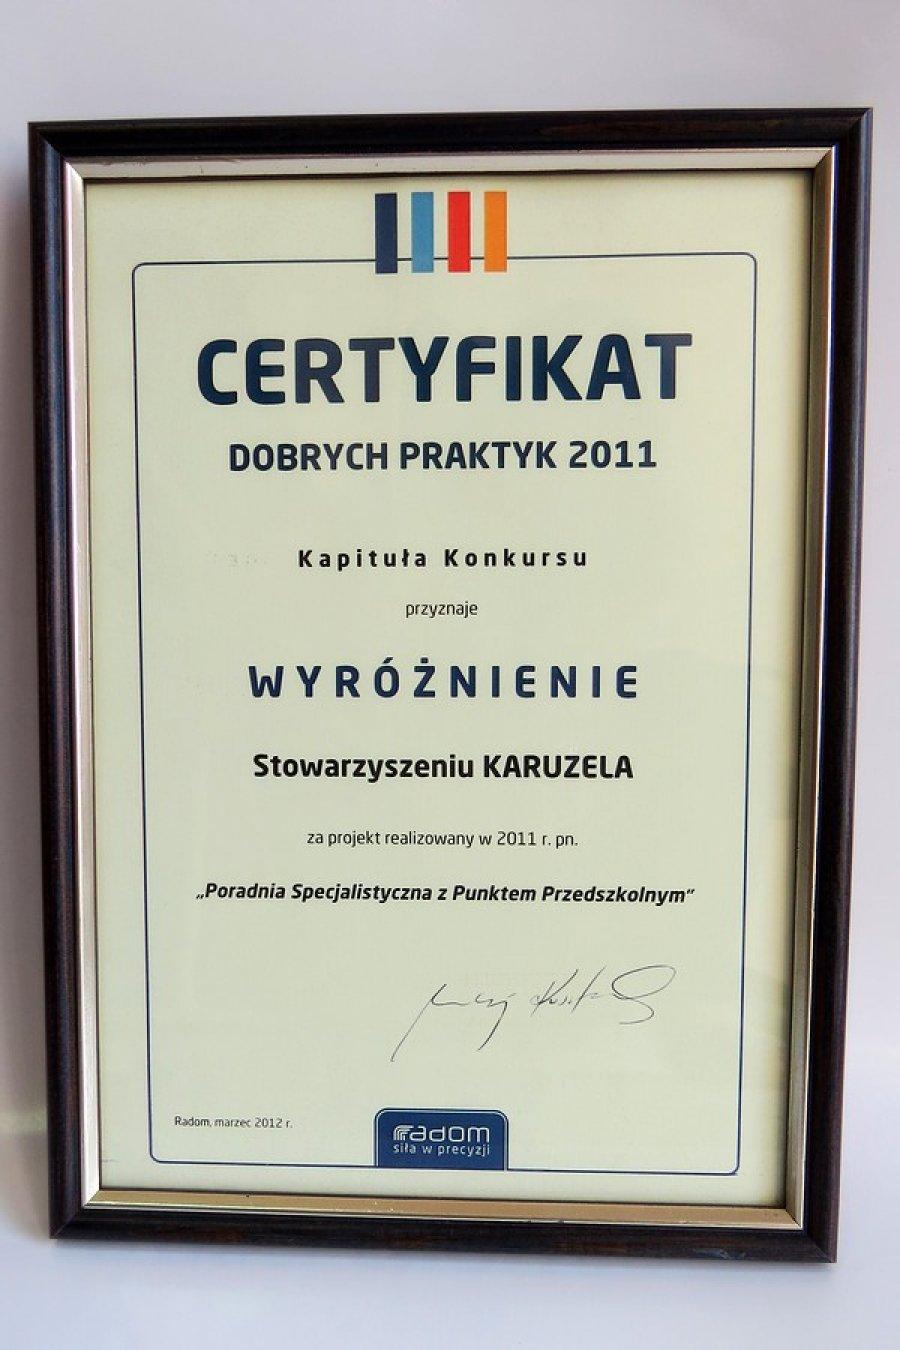 2011 Wyróżnienie w konkursie Dobre Praktyki za utworzenie Poradnii z punktem przedszkolnym